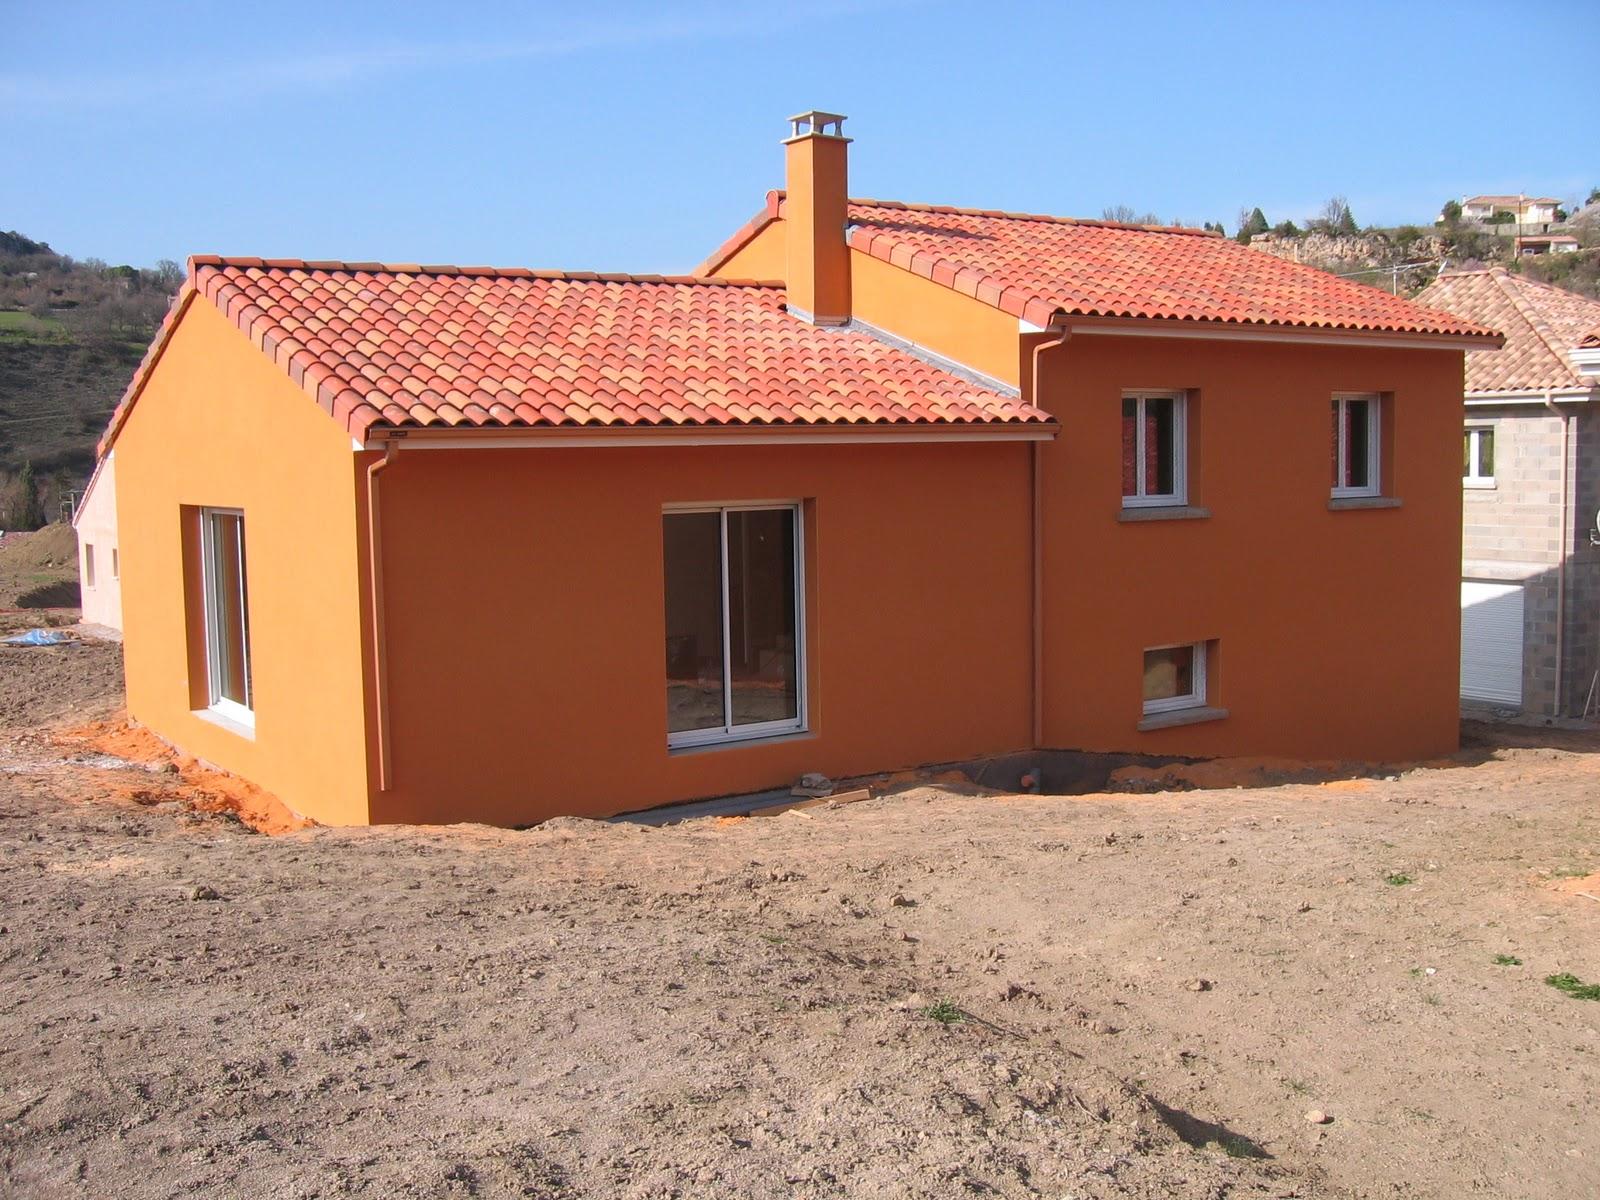 Notre maison en construction creissels cr pis for Crepis parex